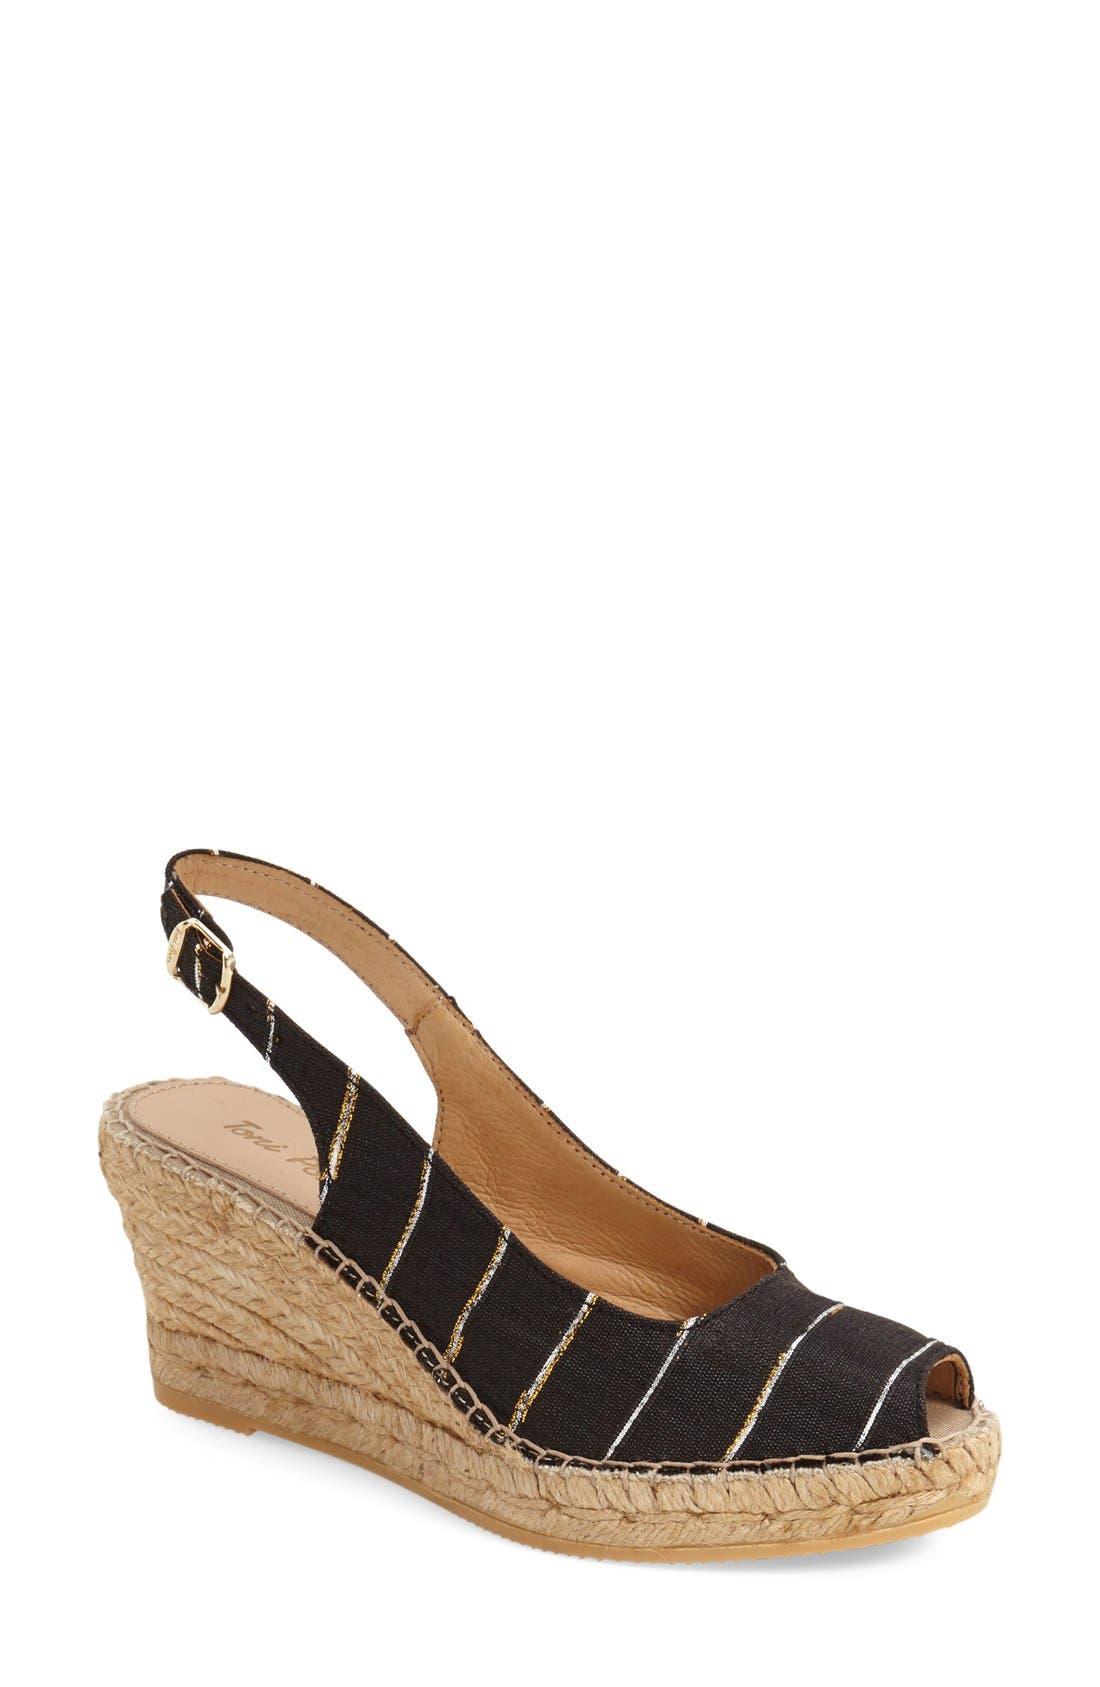 Main Image - Toni Pons 'Carmina' Silk Slingback Wedge Sandal (Women)